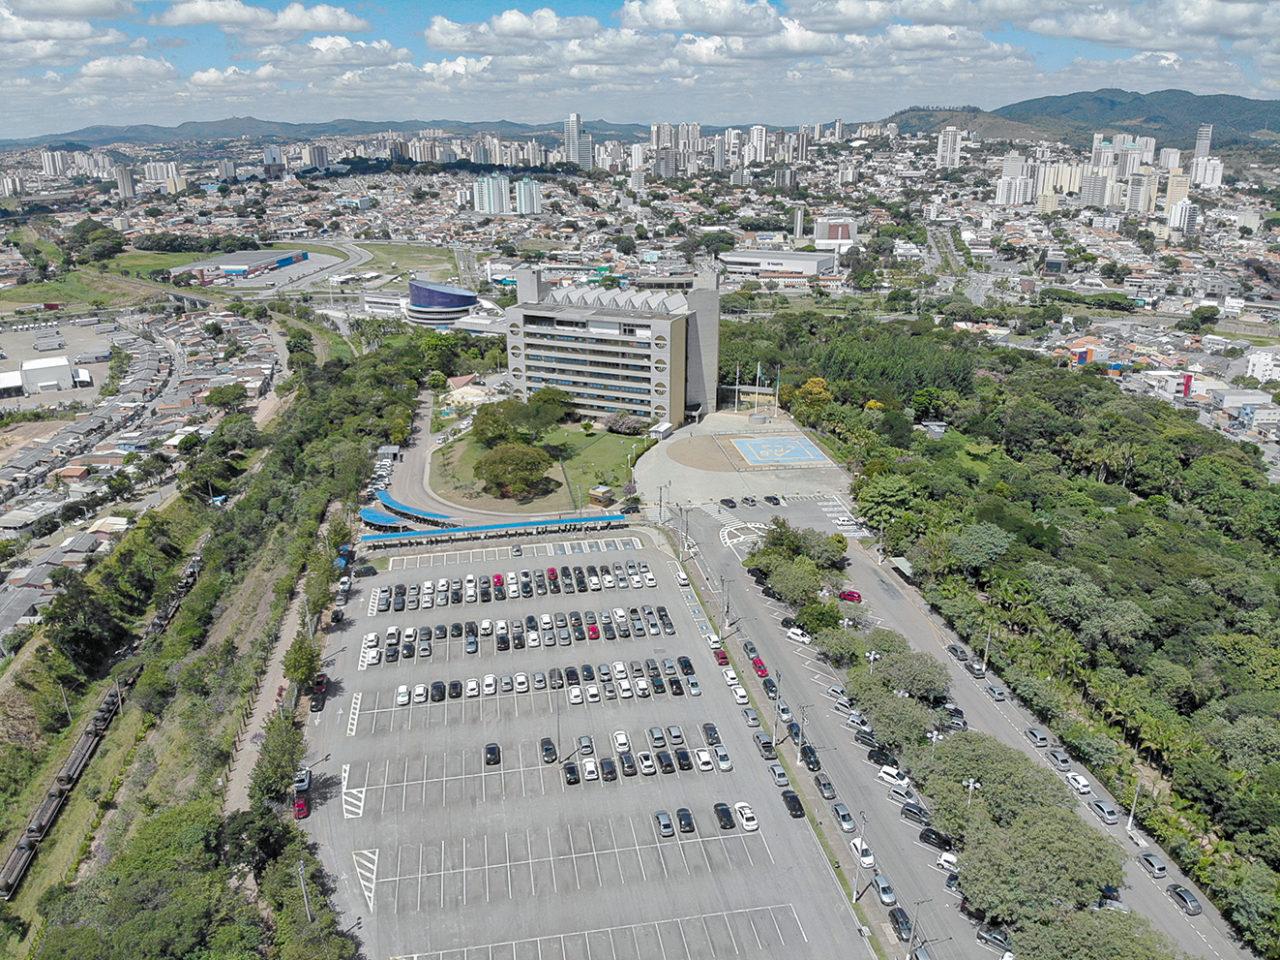 Foto Aerea de estacionamento com prédio e panorama da cidade ao fundo